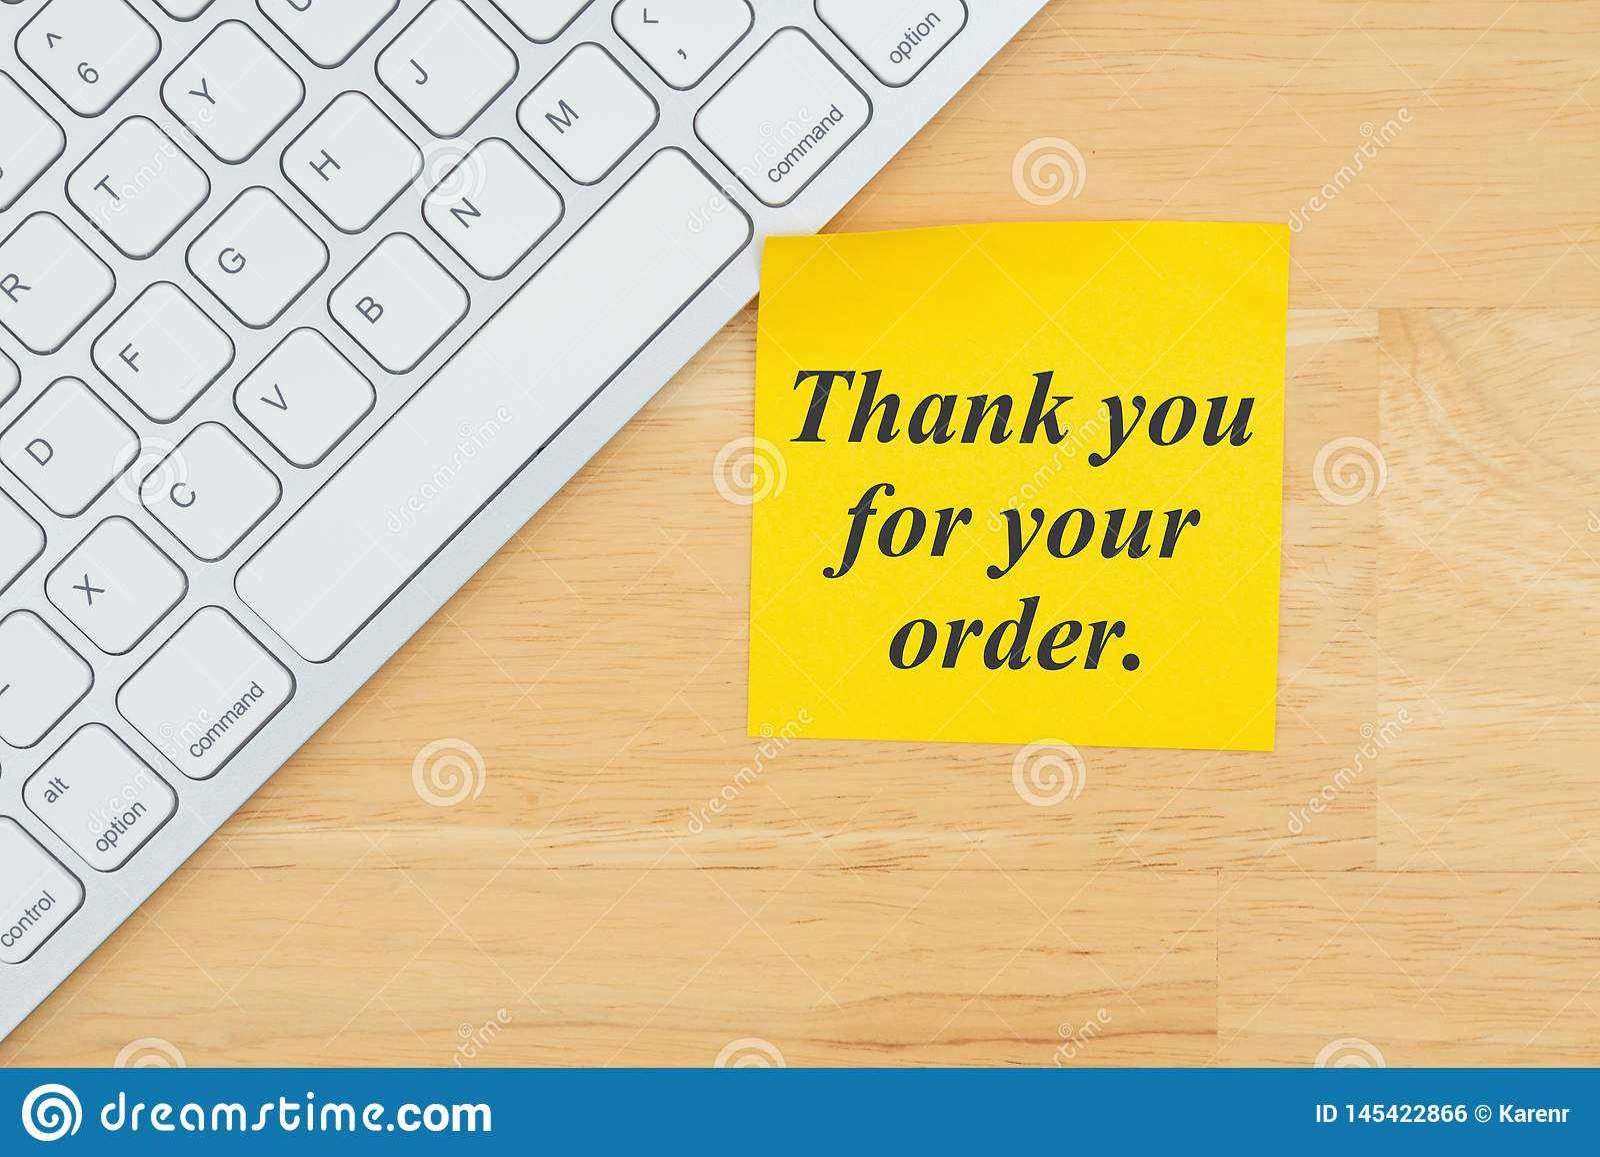 Obrigado para seu texto da ordem em uma nota pegajosa com um teclado